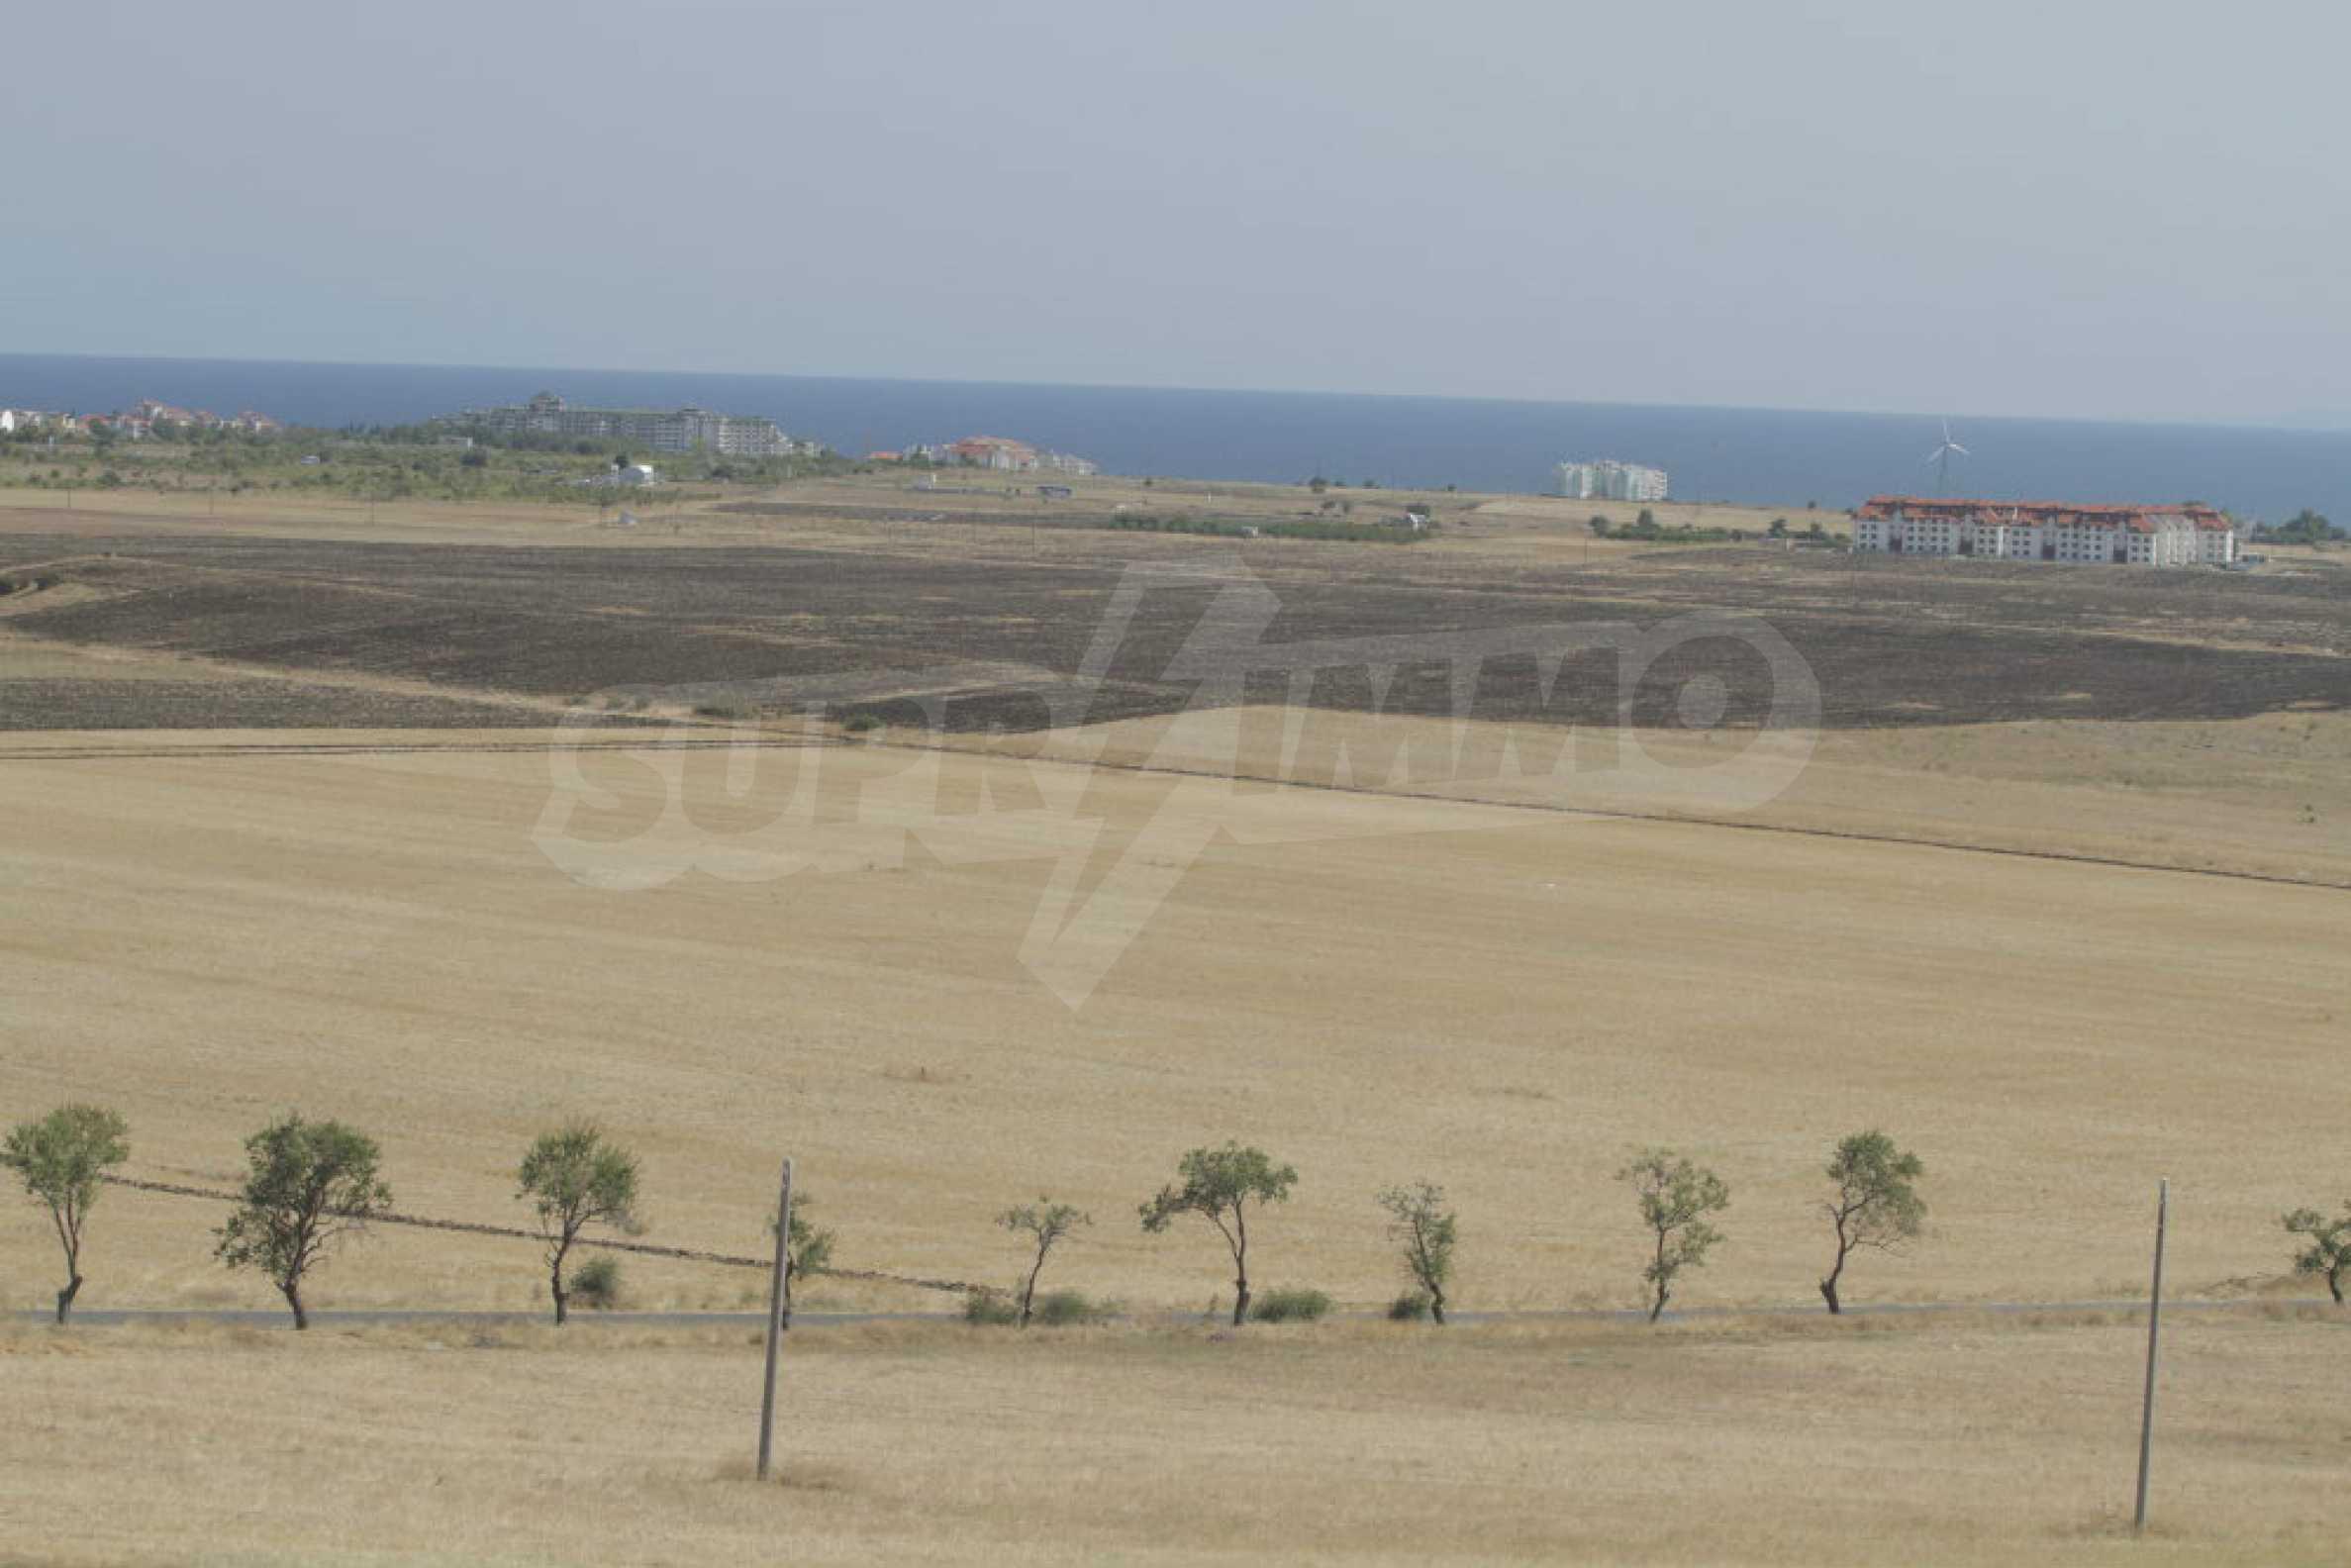 Attraktives Grundstück für Investieren in der Nähe des historischen Komplexes Aheloy 917 und Sonnenstrand, bei Tankowo und Aheloy